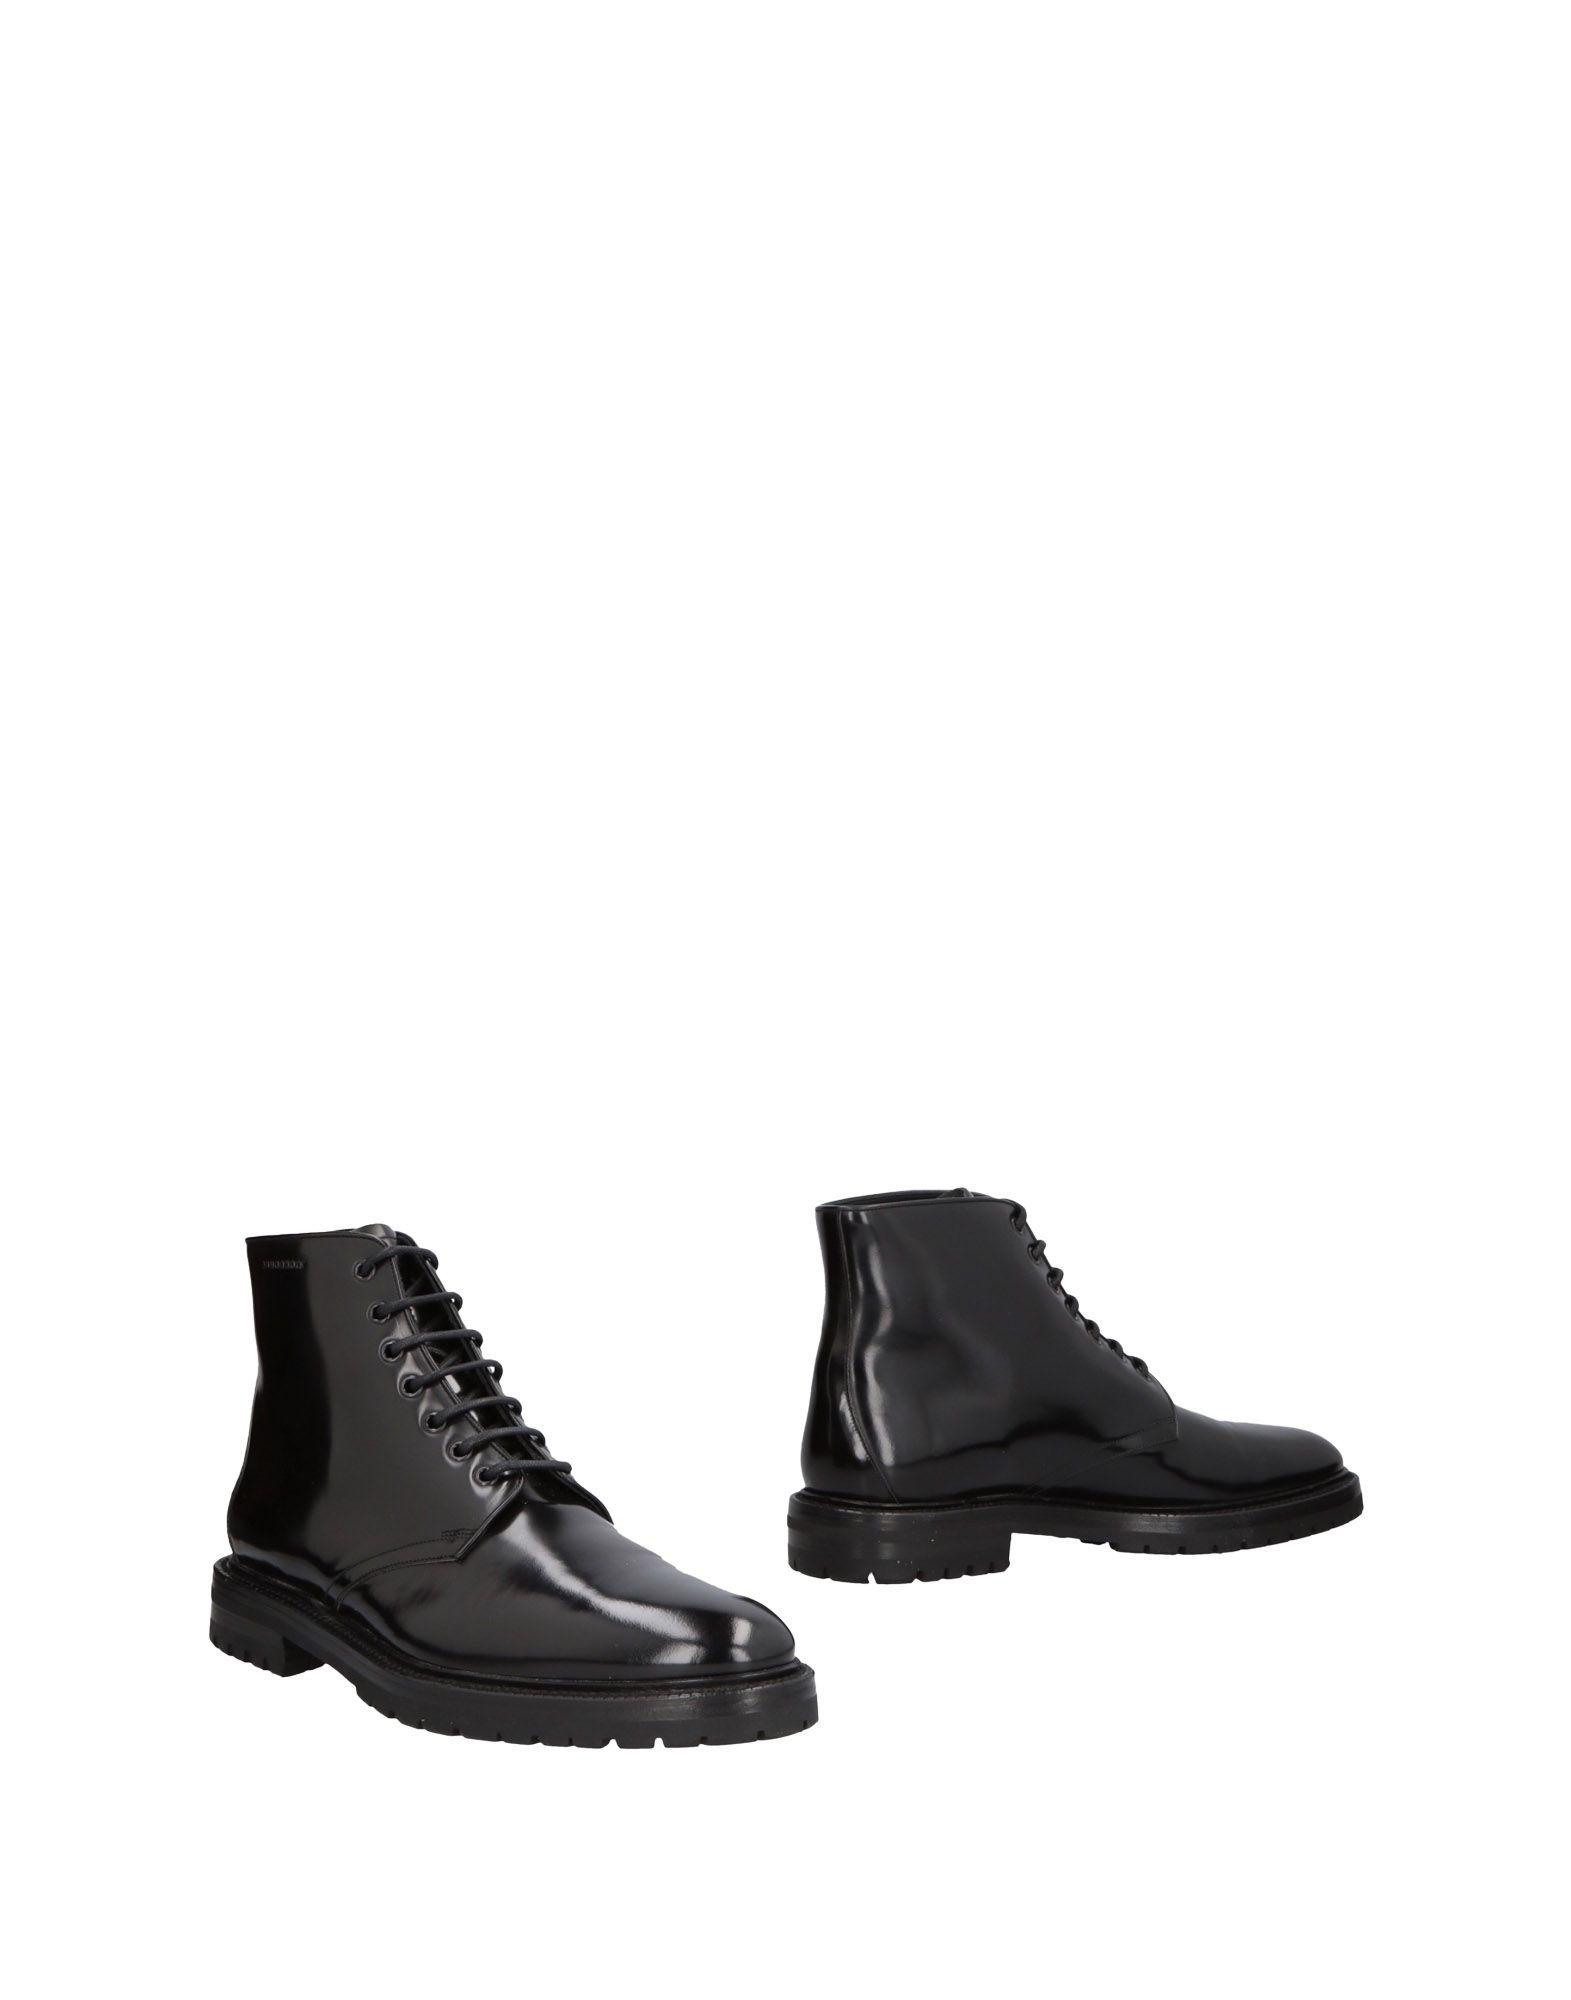 Burberry Stiefelette Herren  11469079UG Gute Qualität beliebte Schuhe